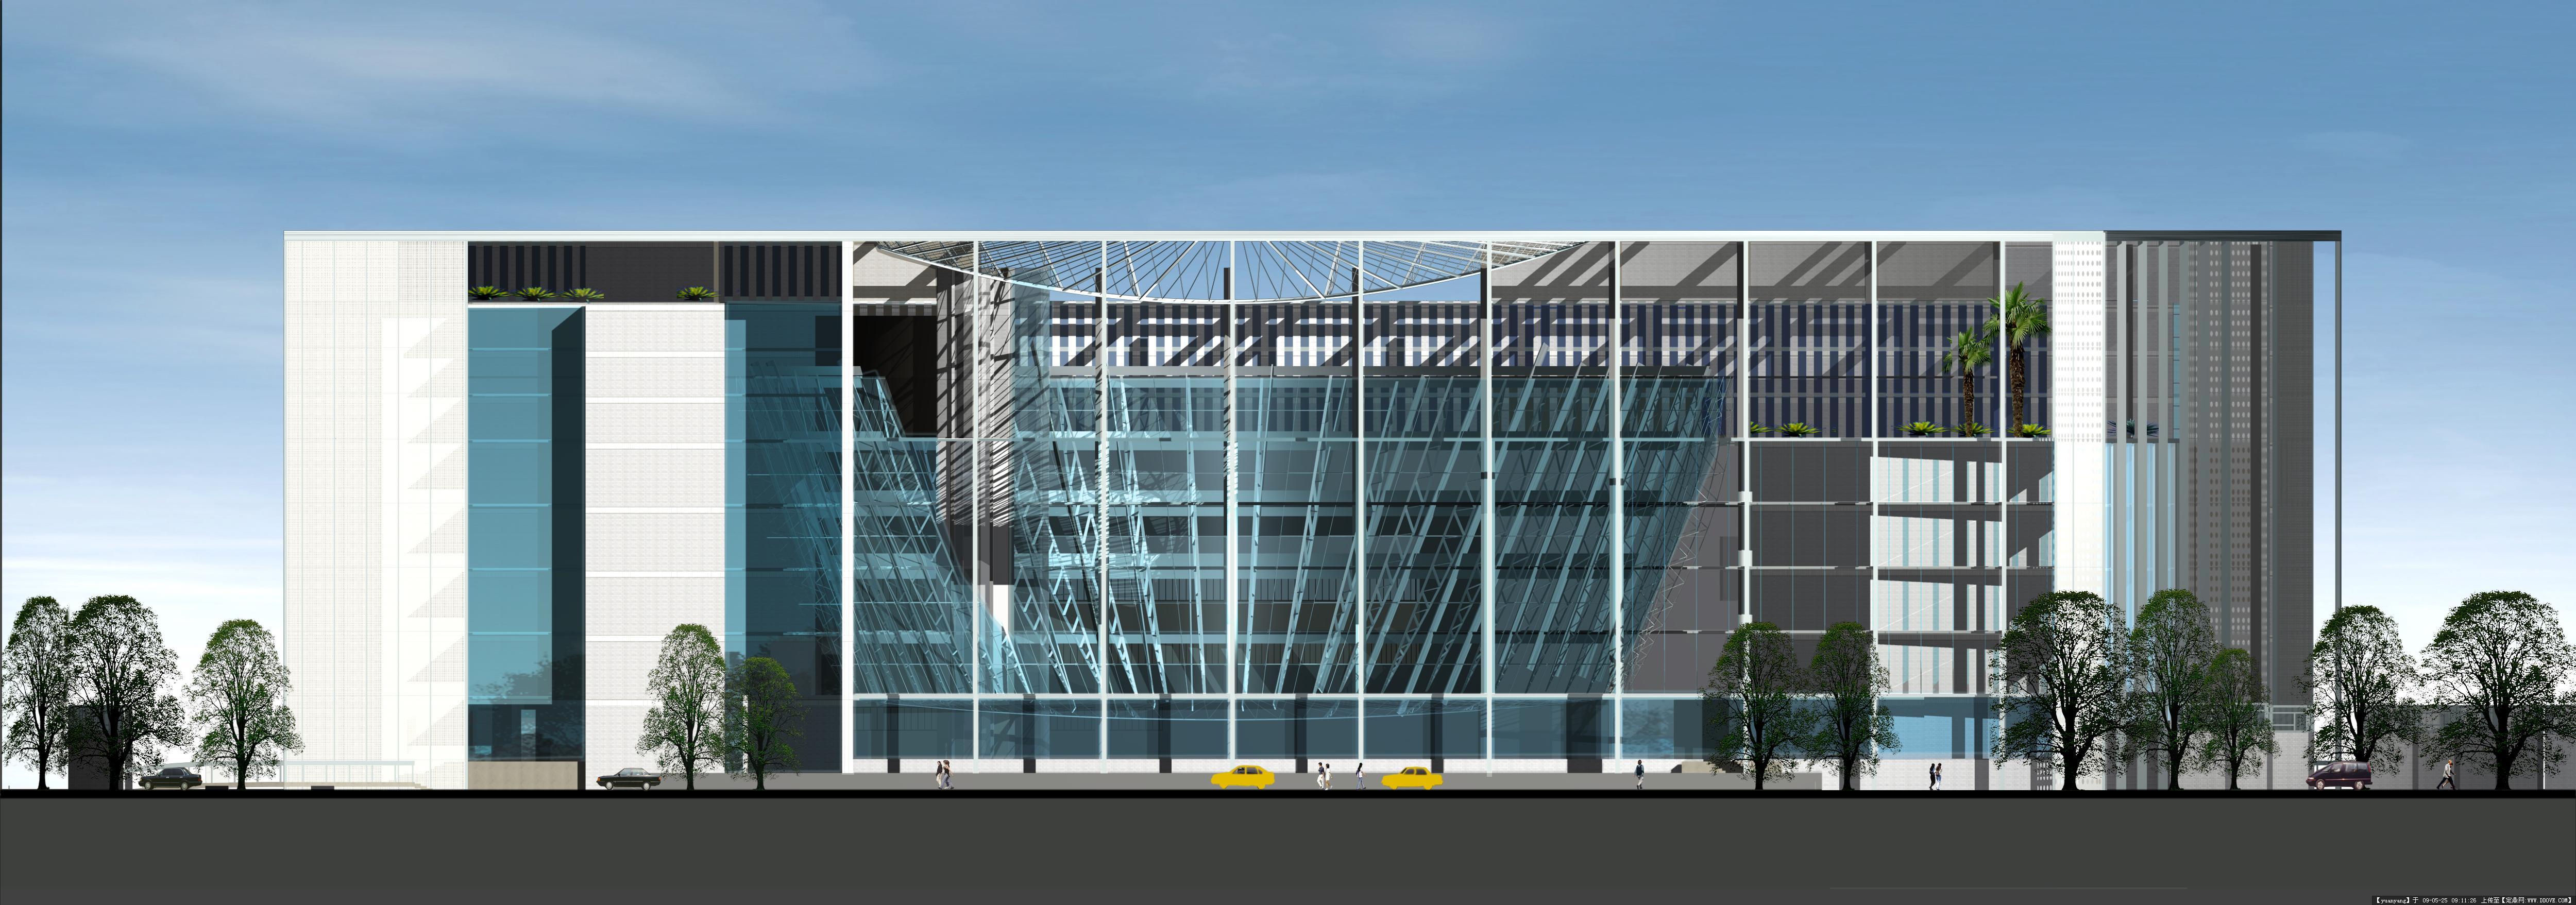 南京图书馆建筑设计全套效果图-南京图书馆东立面.jpg